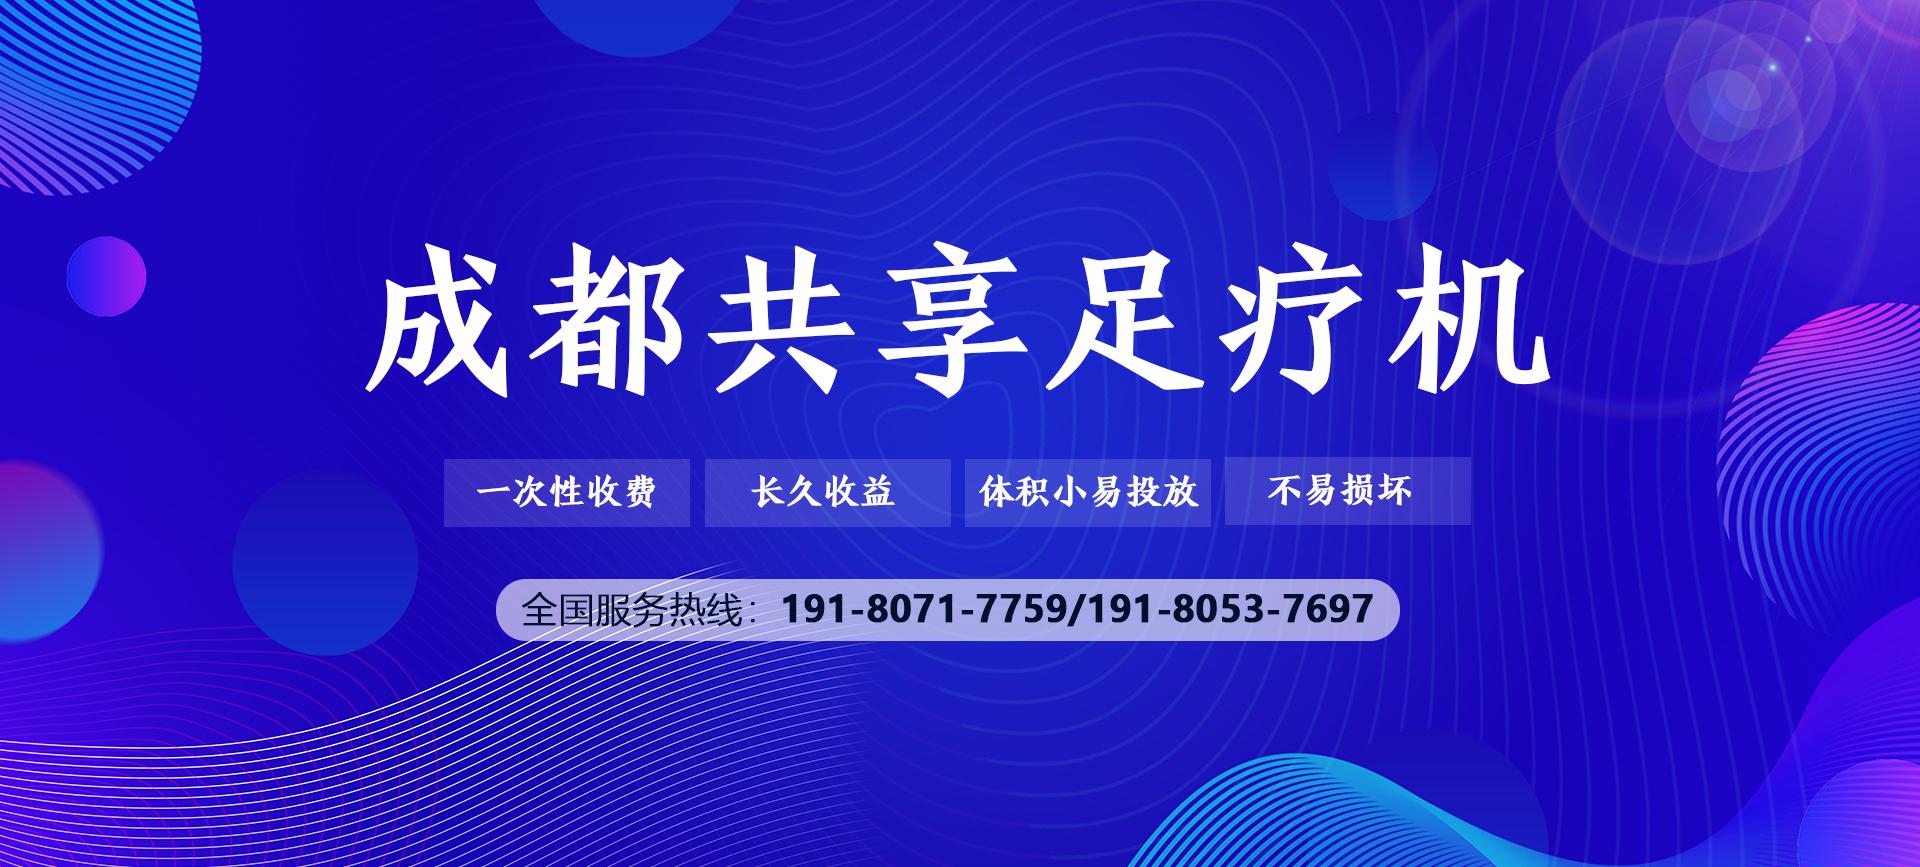 咨询热线:191-8071-7759